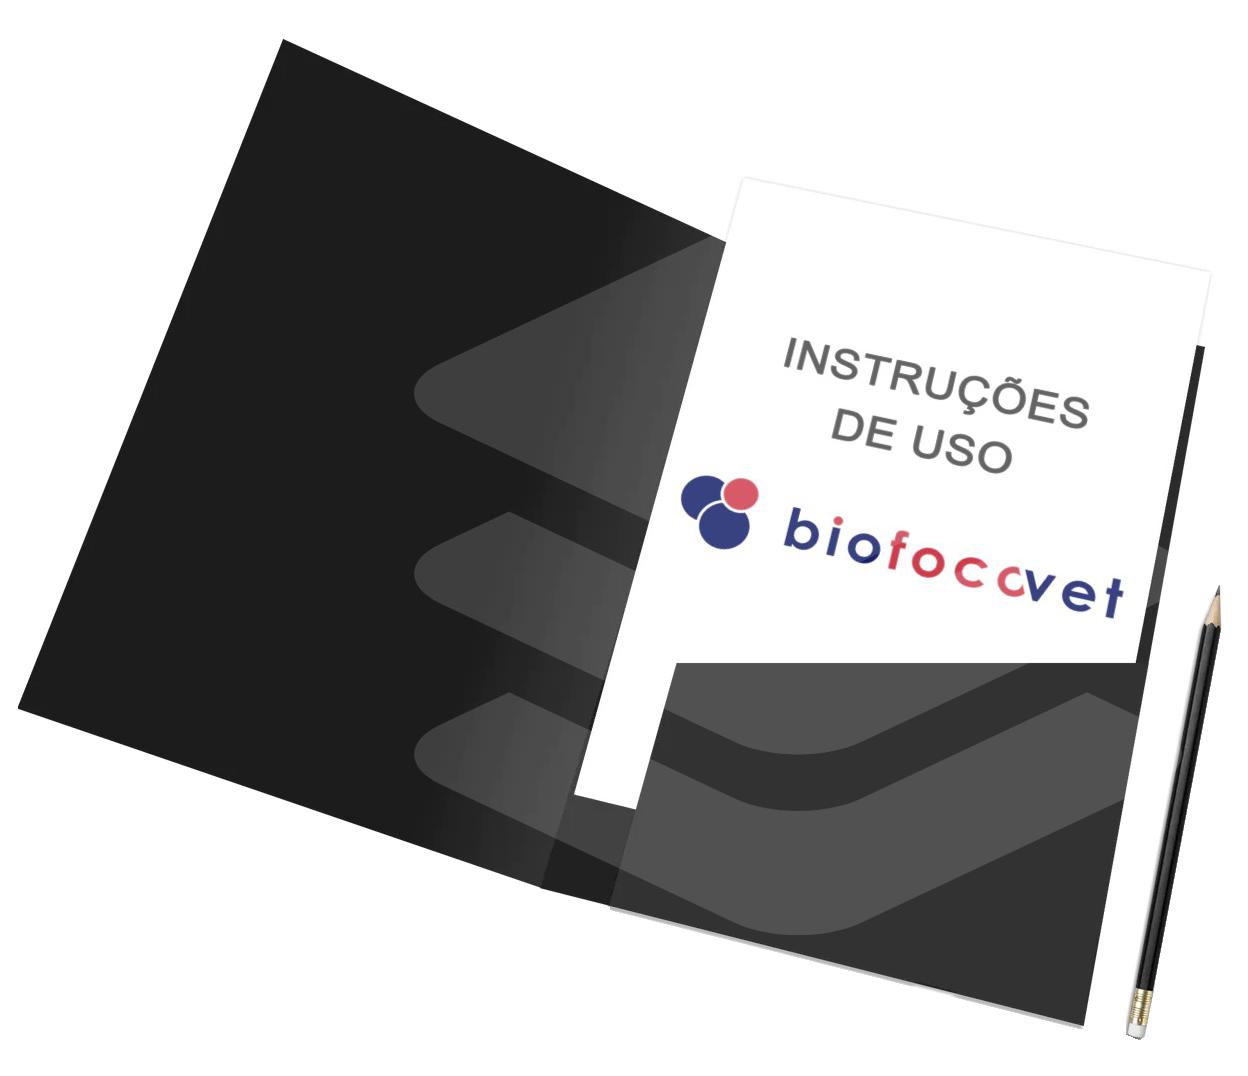 Instruções de Uso Biofoco